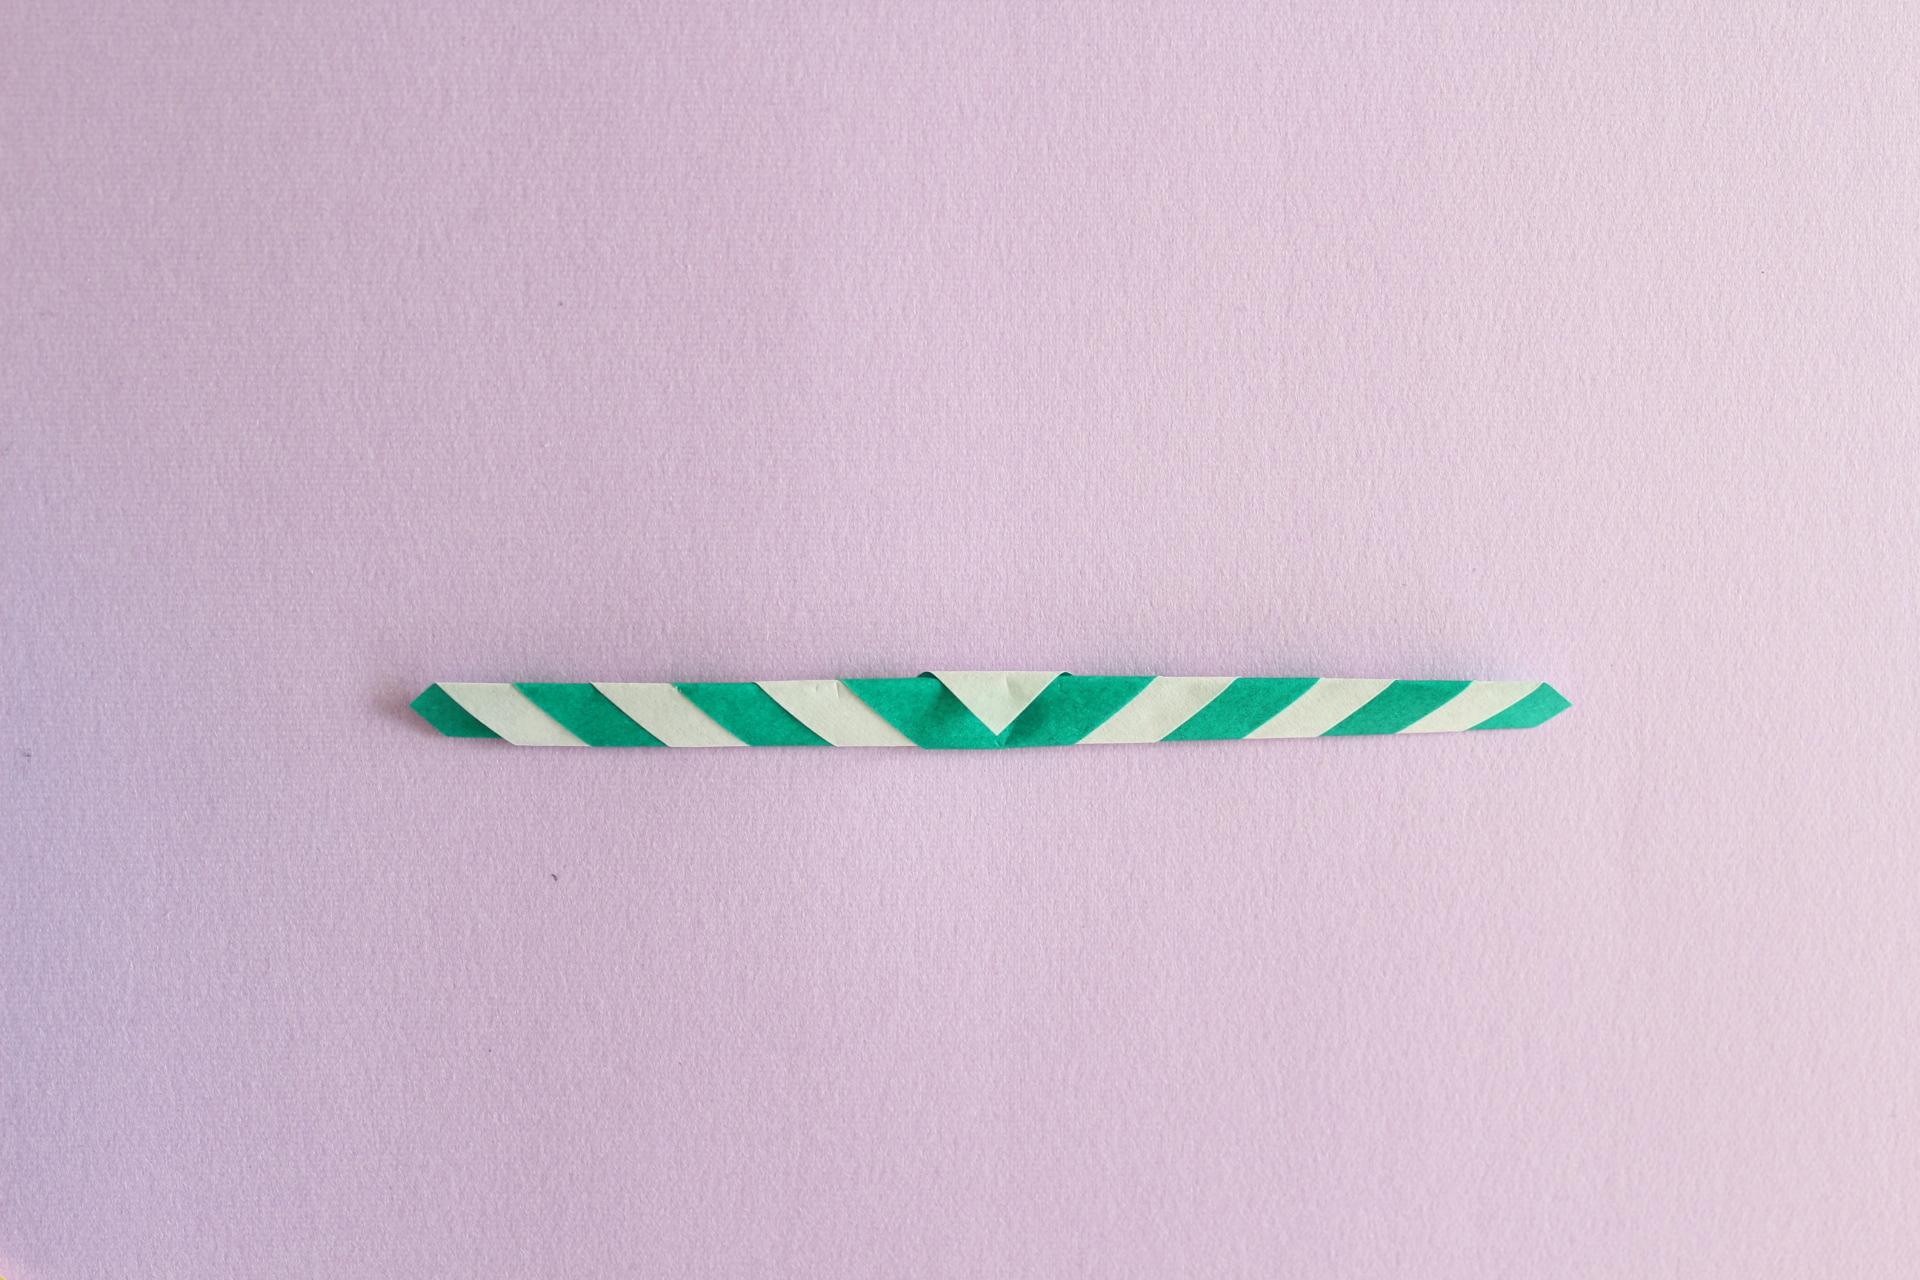 キャンディースティックの折り方3